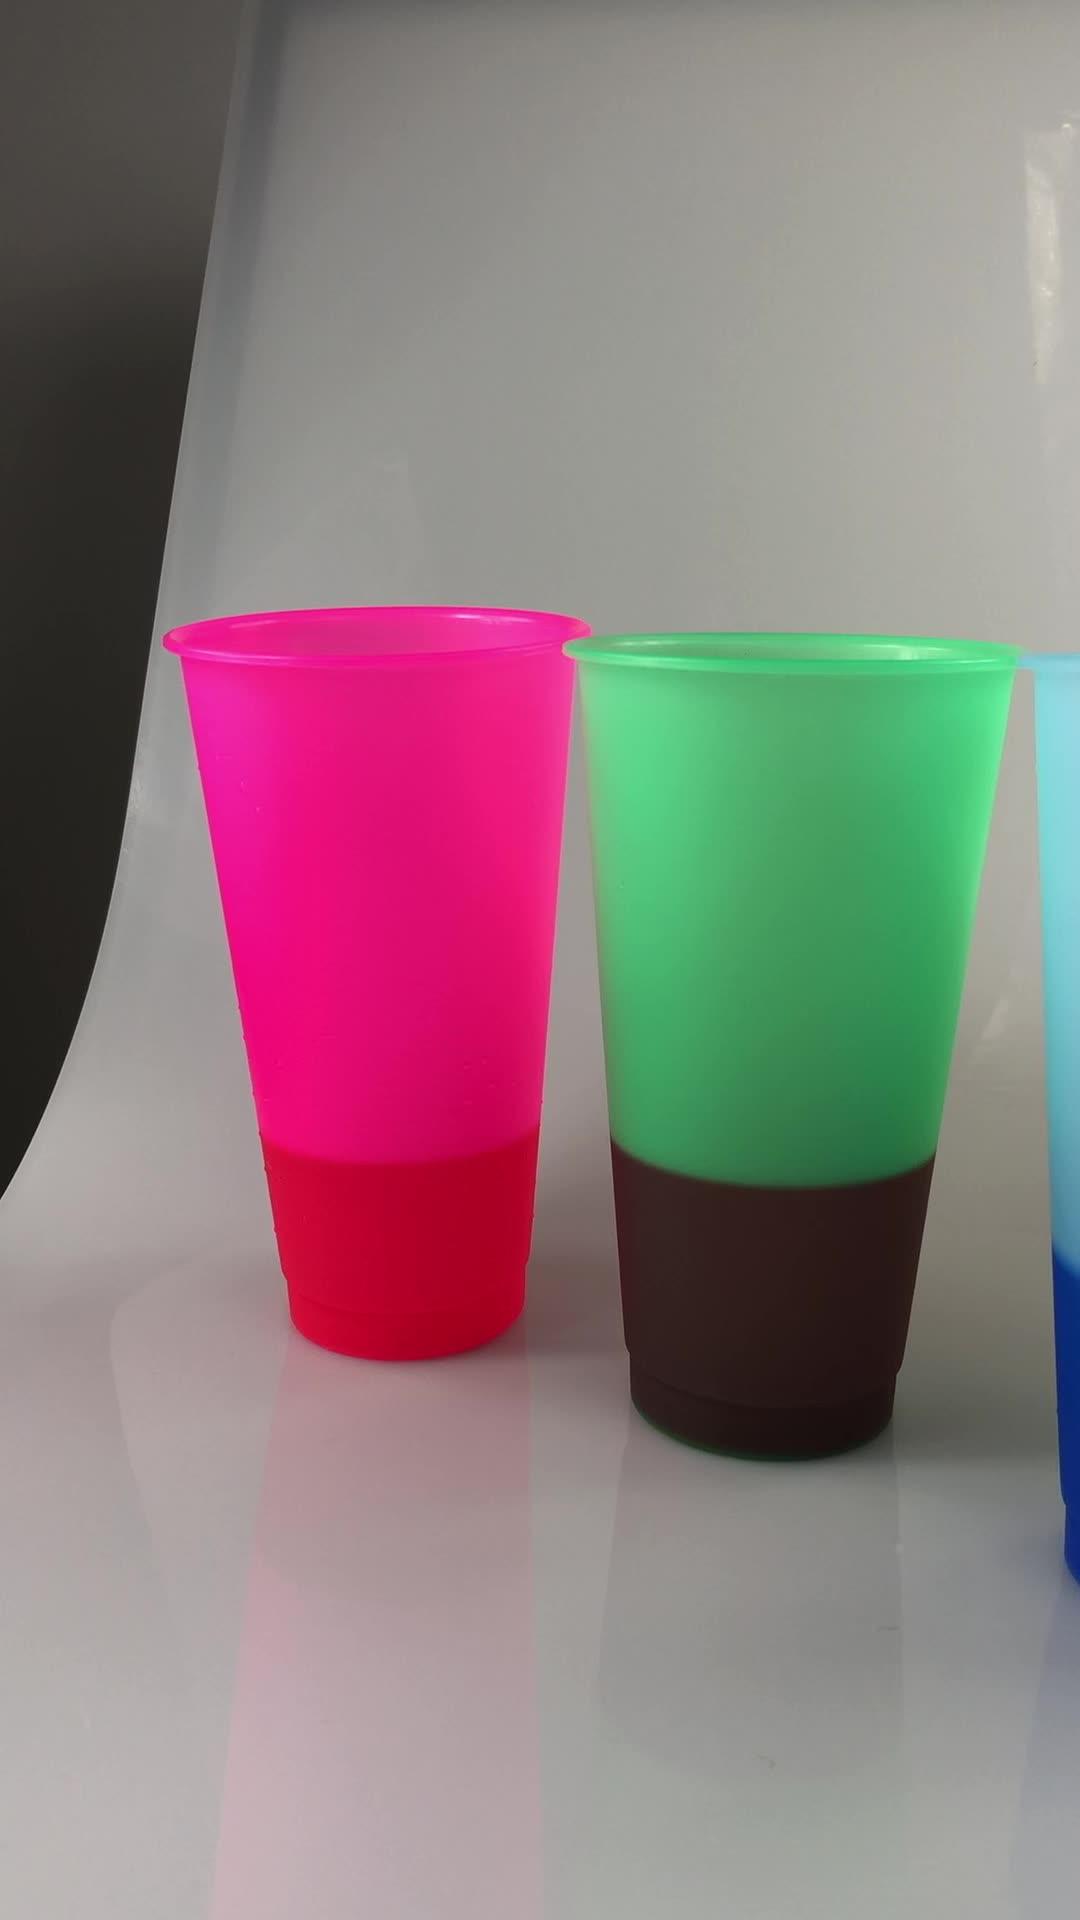 710ml nhựa màu thay đổi cốc với rơm PP nhiệt độ nước lạnh cảm giác màu thay đổi cốc du lịch